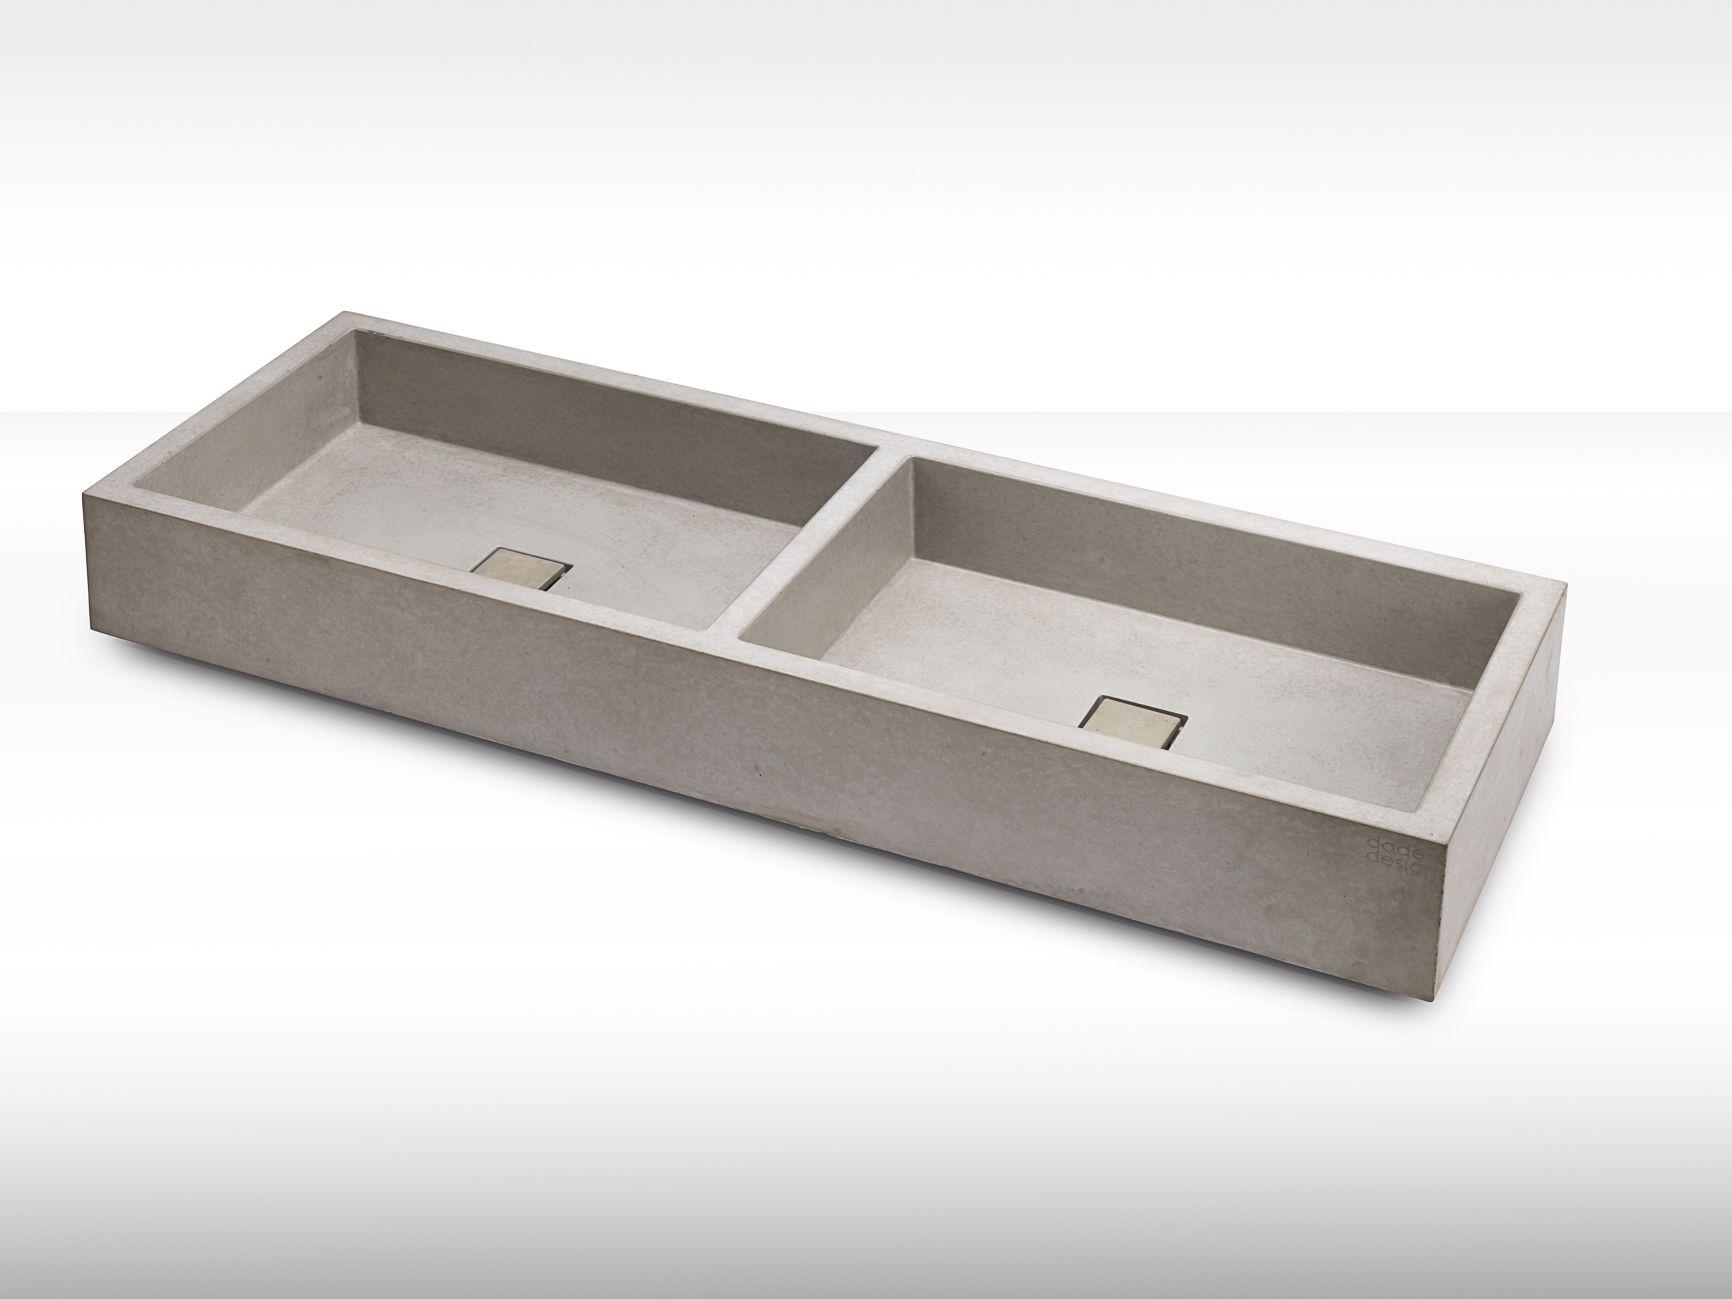 Das Betonwaschbecken Element Besticht Durch Raffiniertes Design Fugenlos Naturgrau Gerade Umlaufenden Abfl In 2020 Betonwaschbecken Waschbecken Waschbecken Design